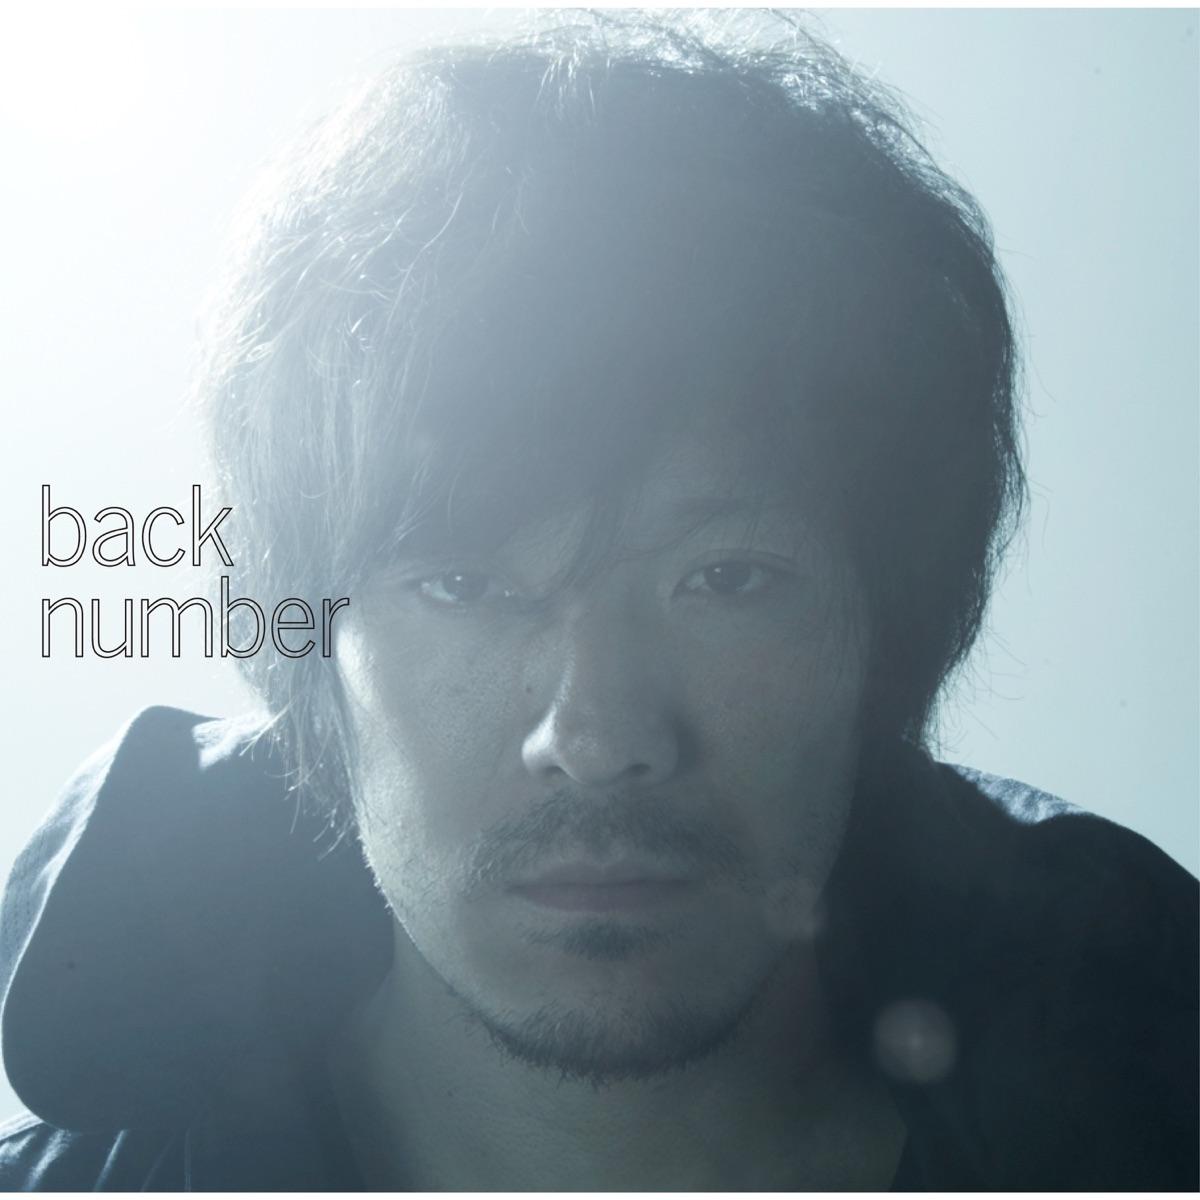 『back number - 高嶺の花子さん』収録の『高嶺の花子さん』ジャケット